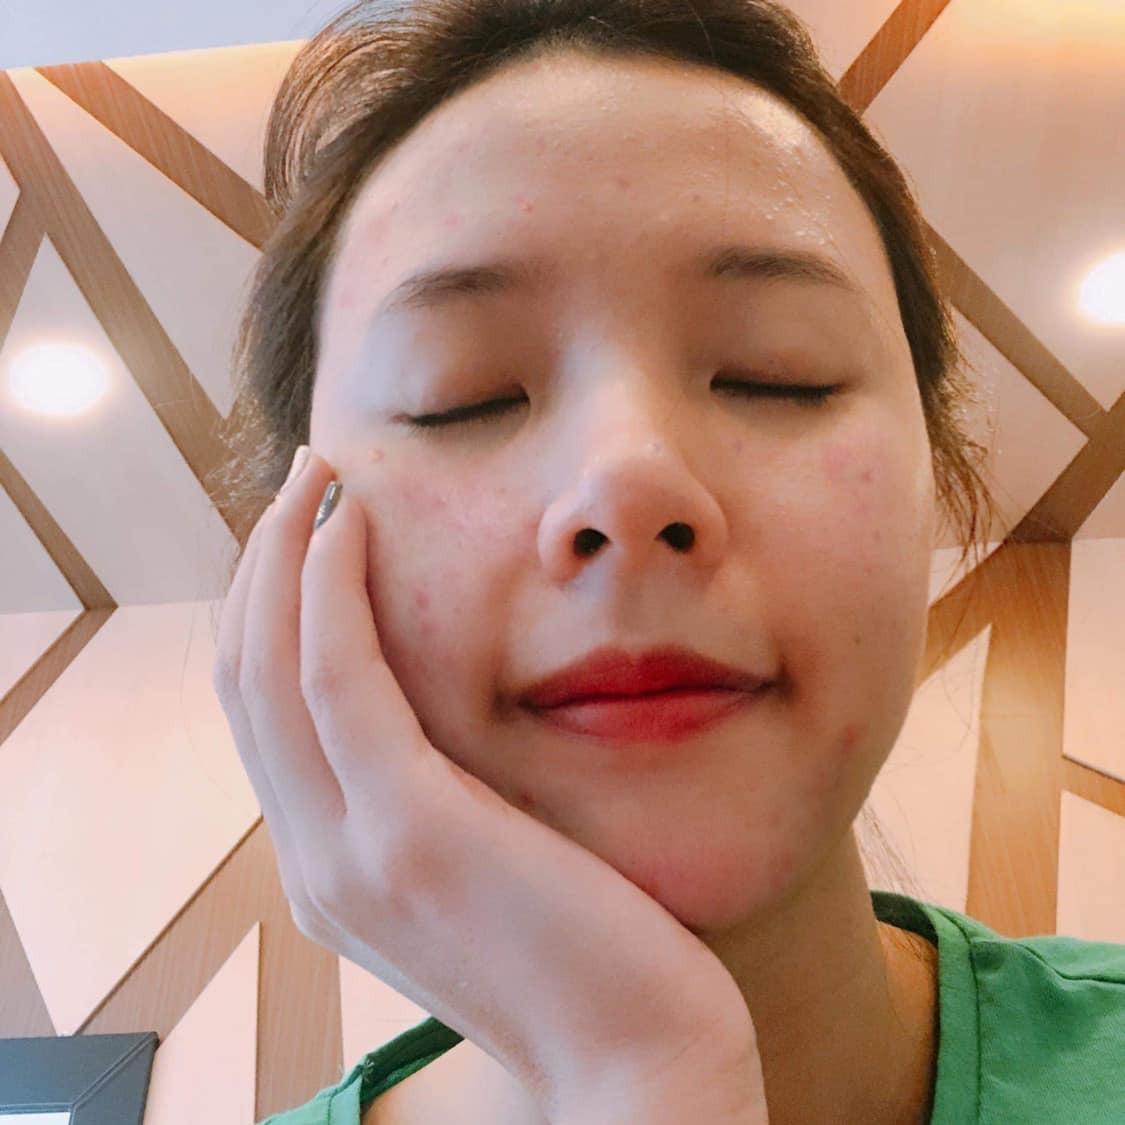 Nữ diễn viên chia sẻ làn da nổi nhiều đốm mụn li ti, đỏ ửng cách đây 4 - 5 năm.